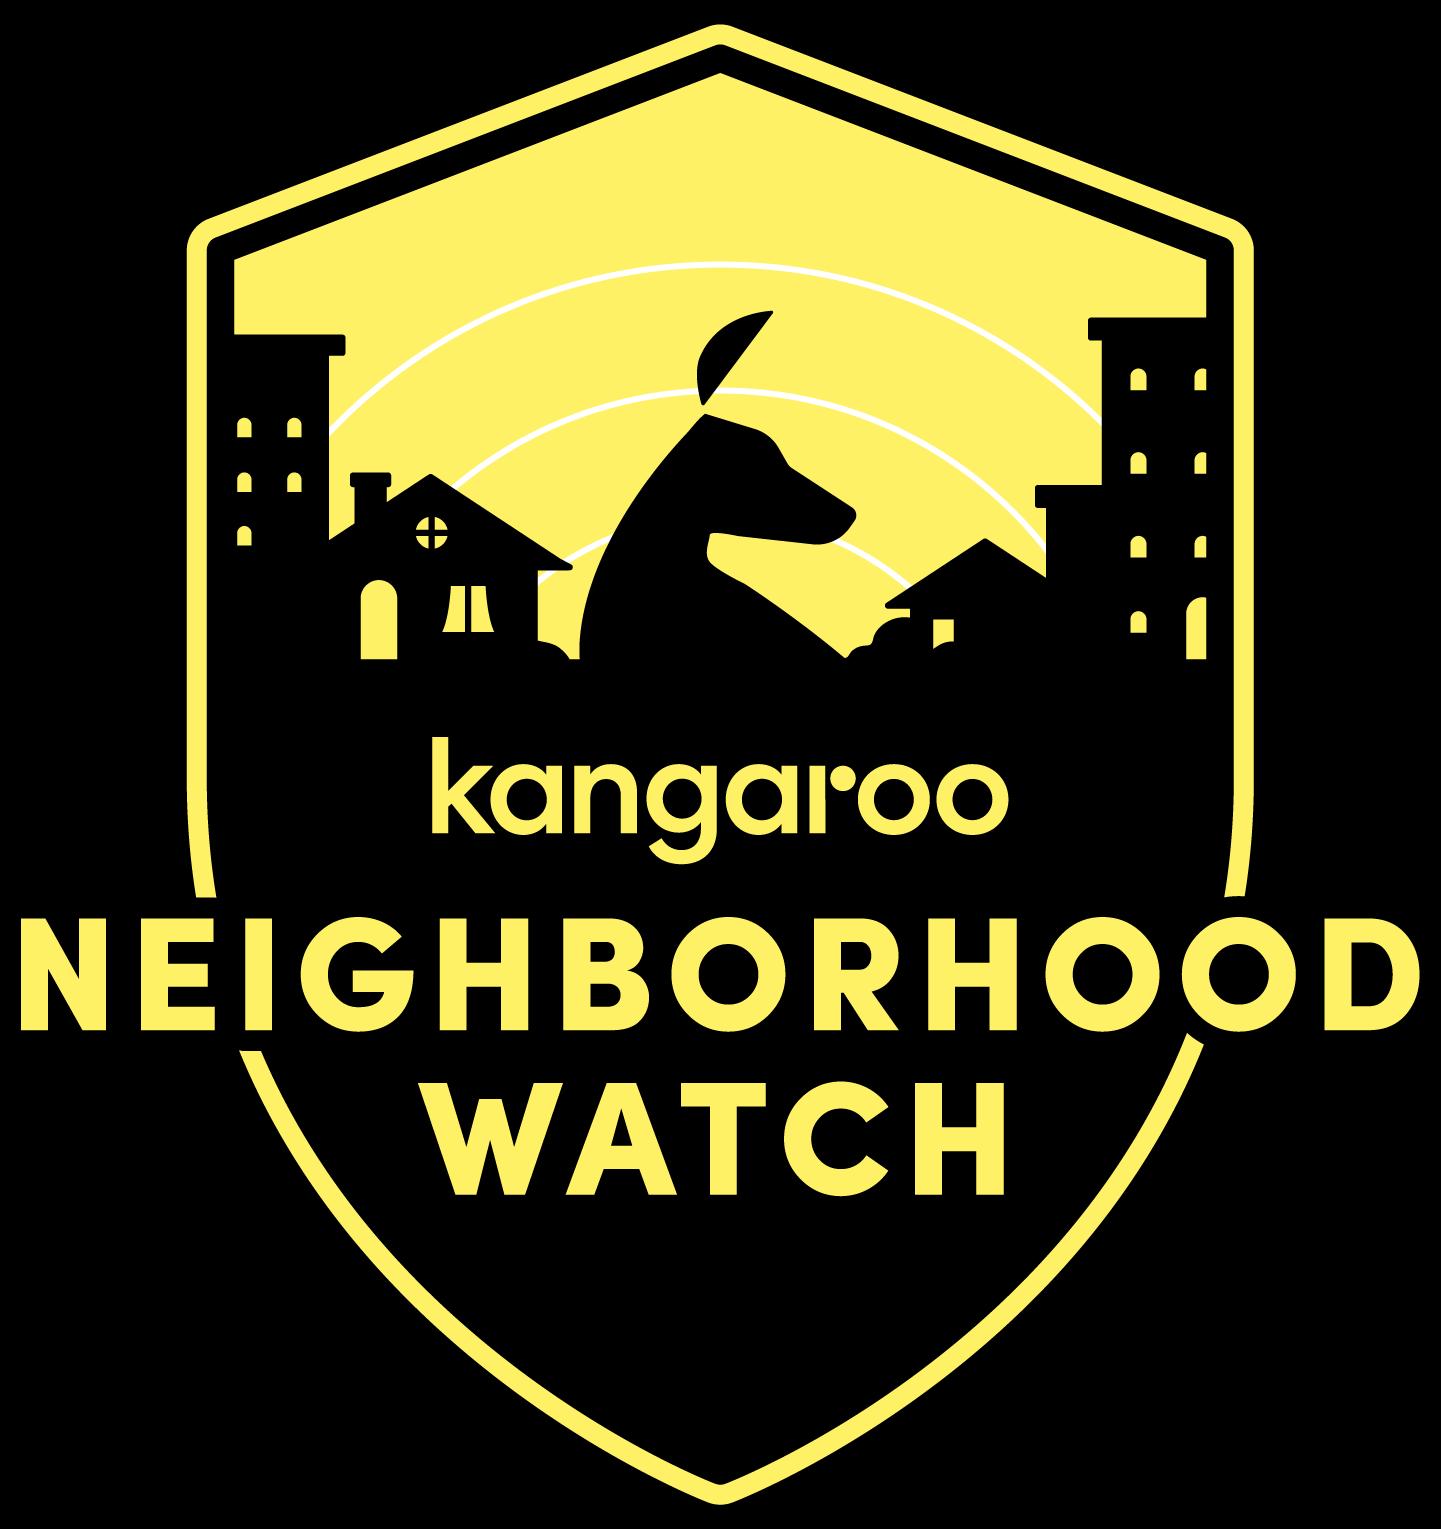 kangaroo-neighborhood-watch-logo.png